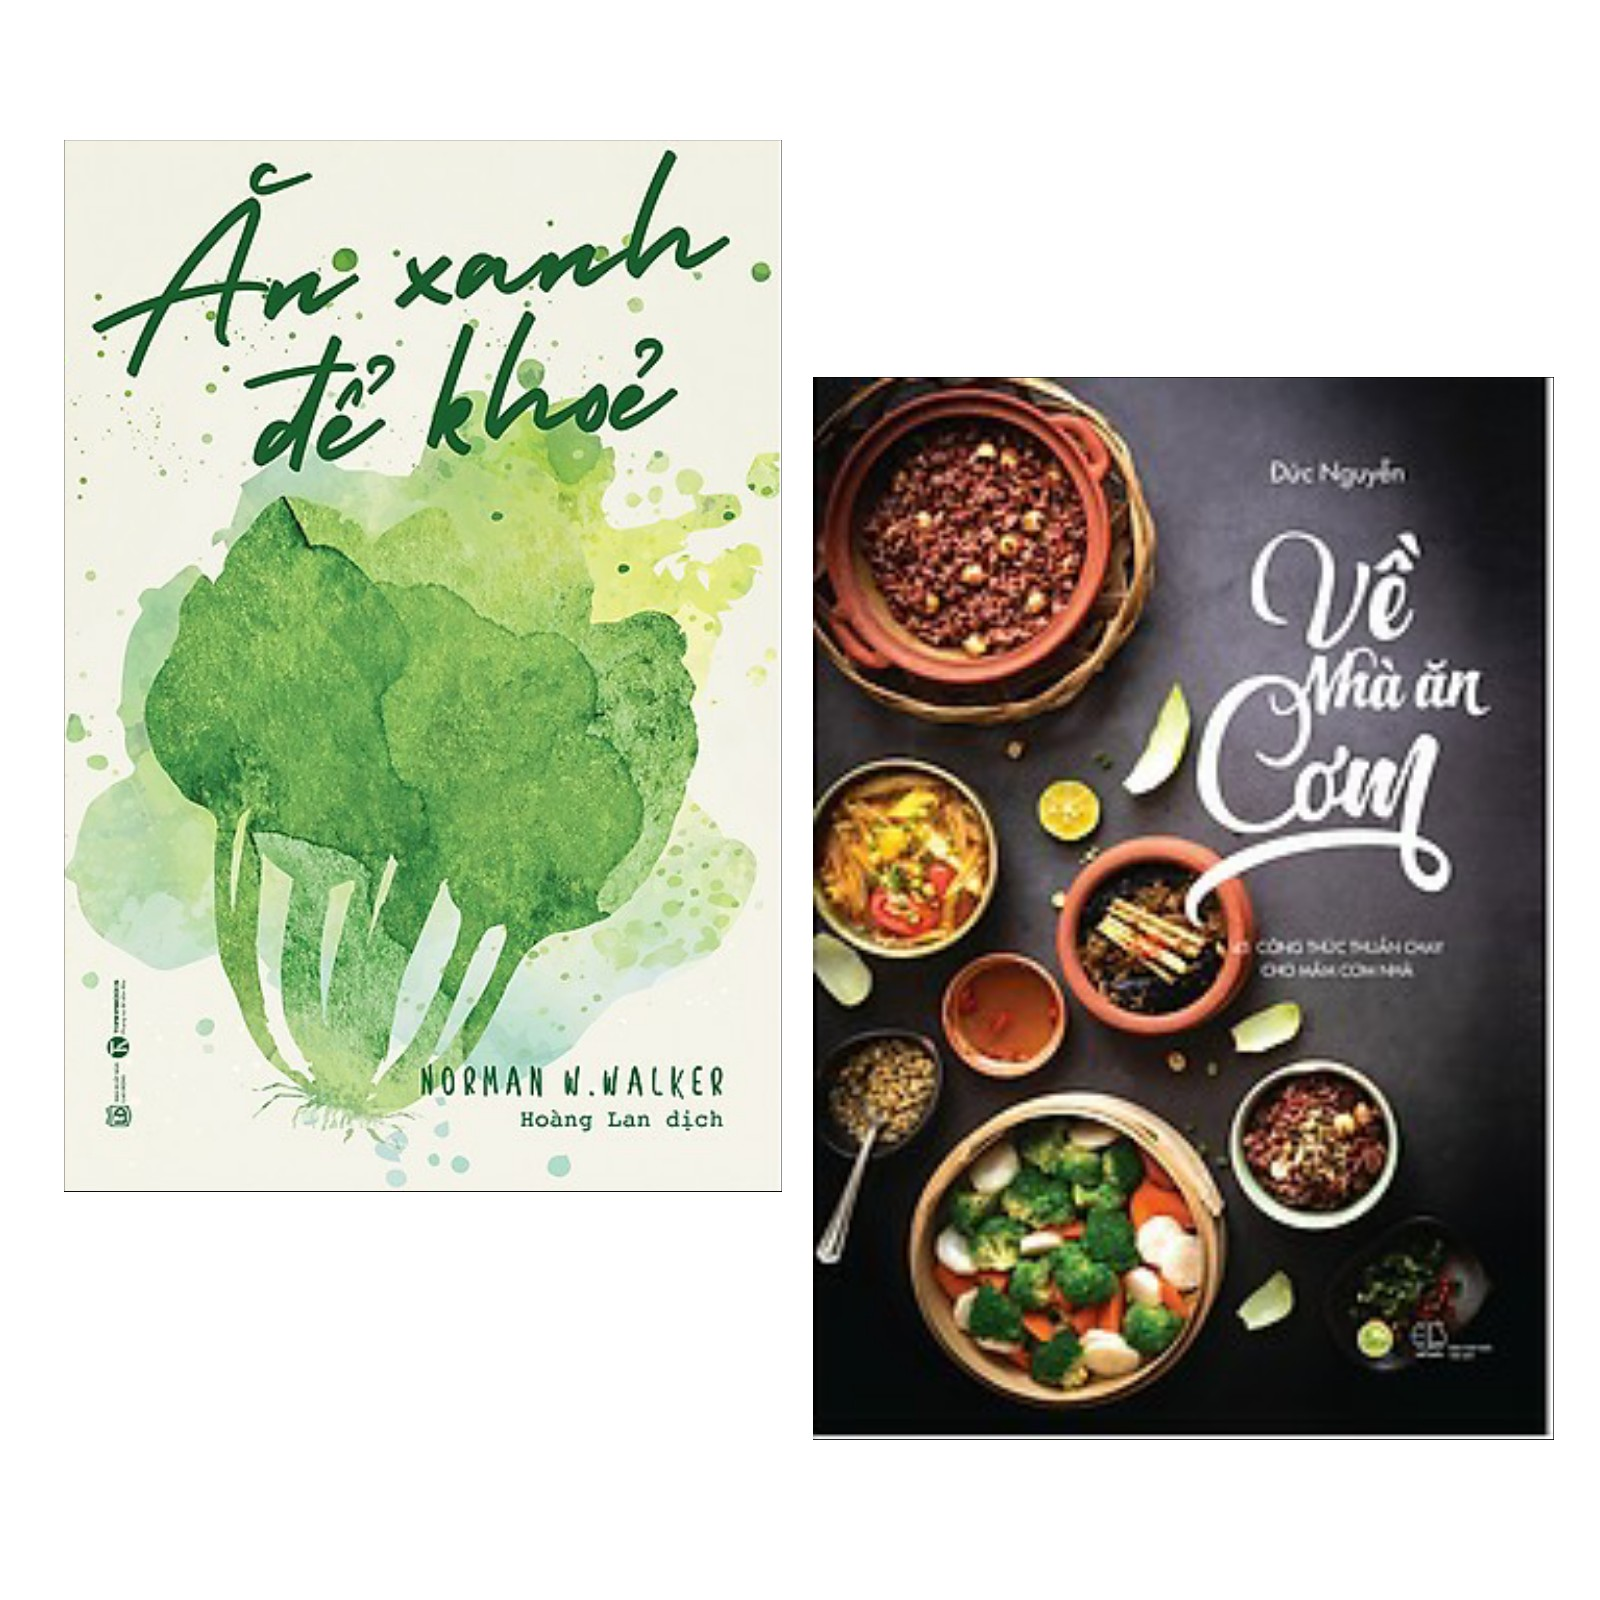 Combo Sách Hay: Ăn Xanh Để Khỏe + Về Nhà Ăn Cơm (Bộ 2 Cuốn Sách Nấu Ăn / Tặng Kèm Postcard Greenlife)